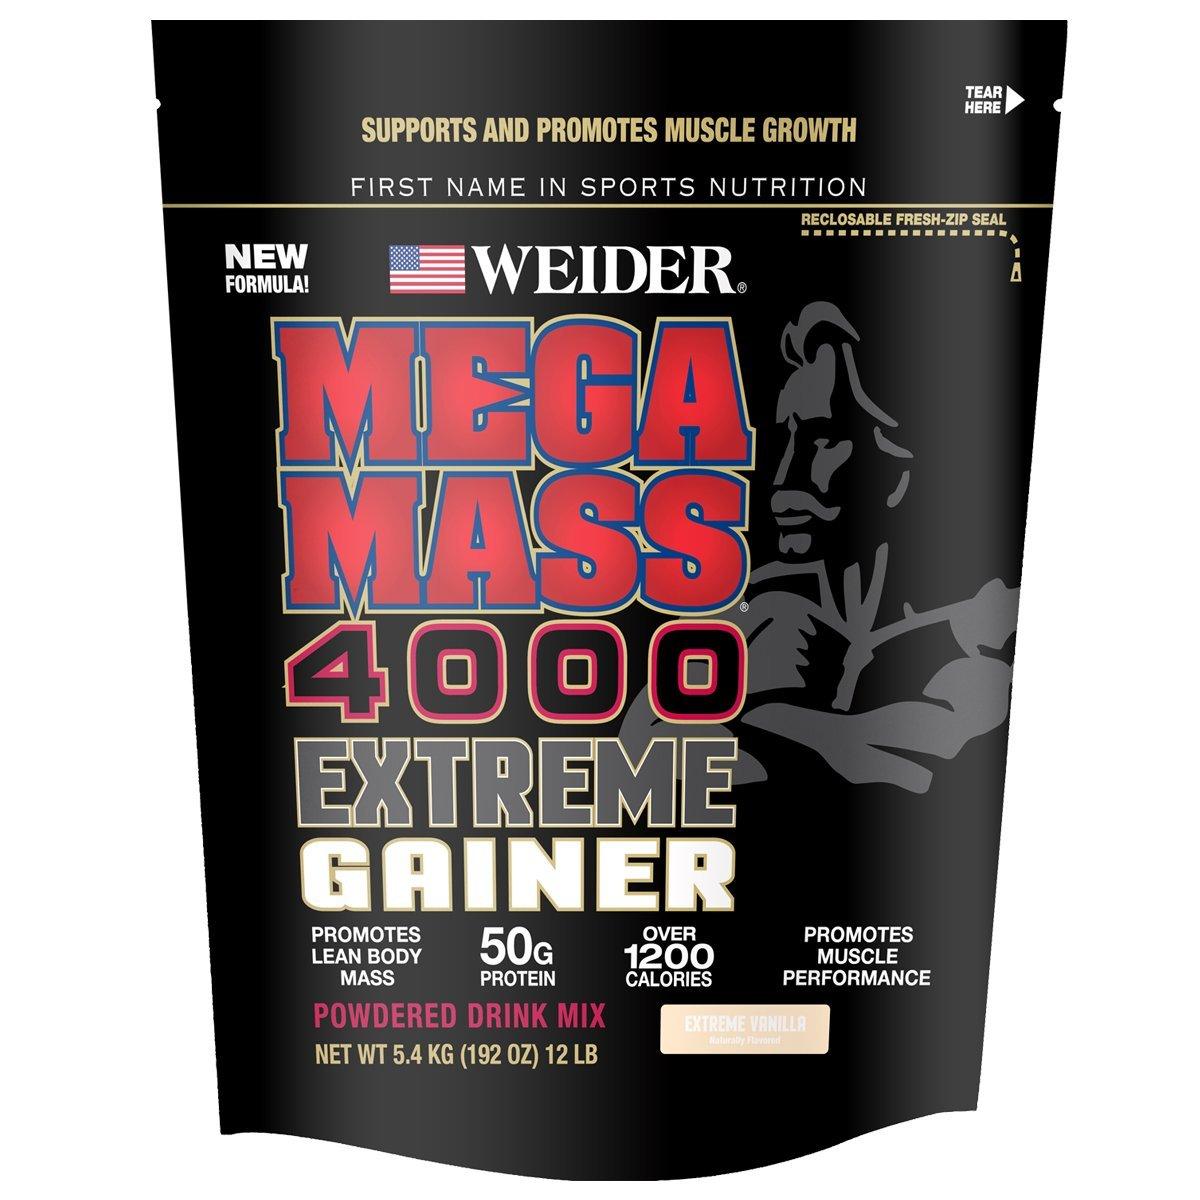 Weider Megamass 4000 Weight Gainer, Extreme Vanilla, 12.1 Pound